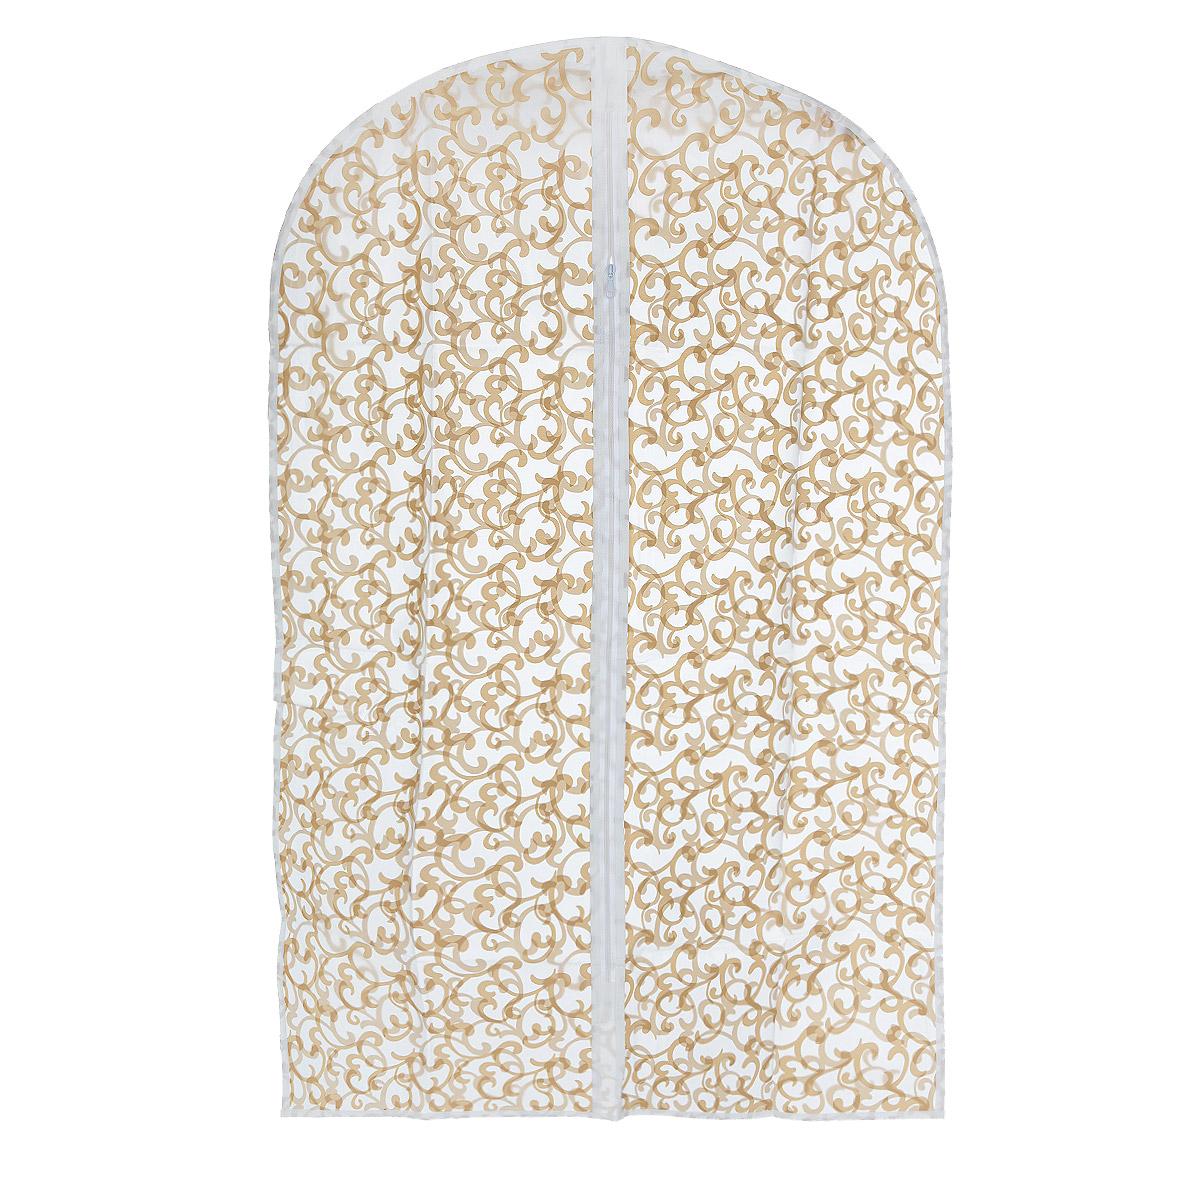 Чехол для одежды Eva Узоры, 60 см х 92 смЕ-16201 узорыЧехол для одежды Eva Узоры выполнен из материала PEVA. Чехол обеспечивает вашей одежде надежную защиту от влажности, повреждений и грязи при транспортировке, от запыления при хранении. Изделие обладает водоотталкивающими свойствами, а также позволяет воздуху свободно поступать внутрь вещей, обеспечивая их кондиционирование. Закрывается на молнию. Можно стирать при температуре до 40°C.